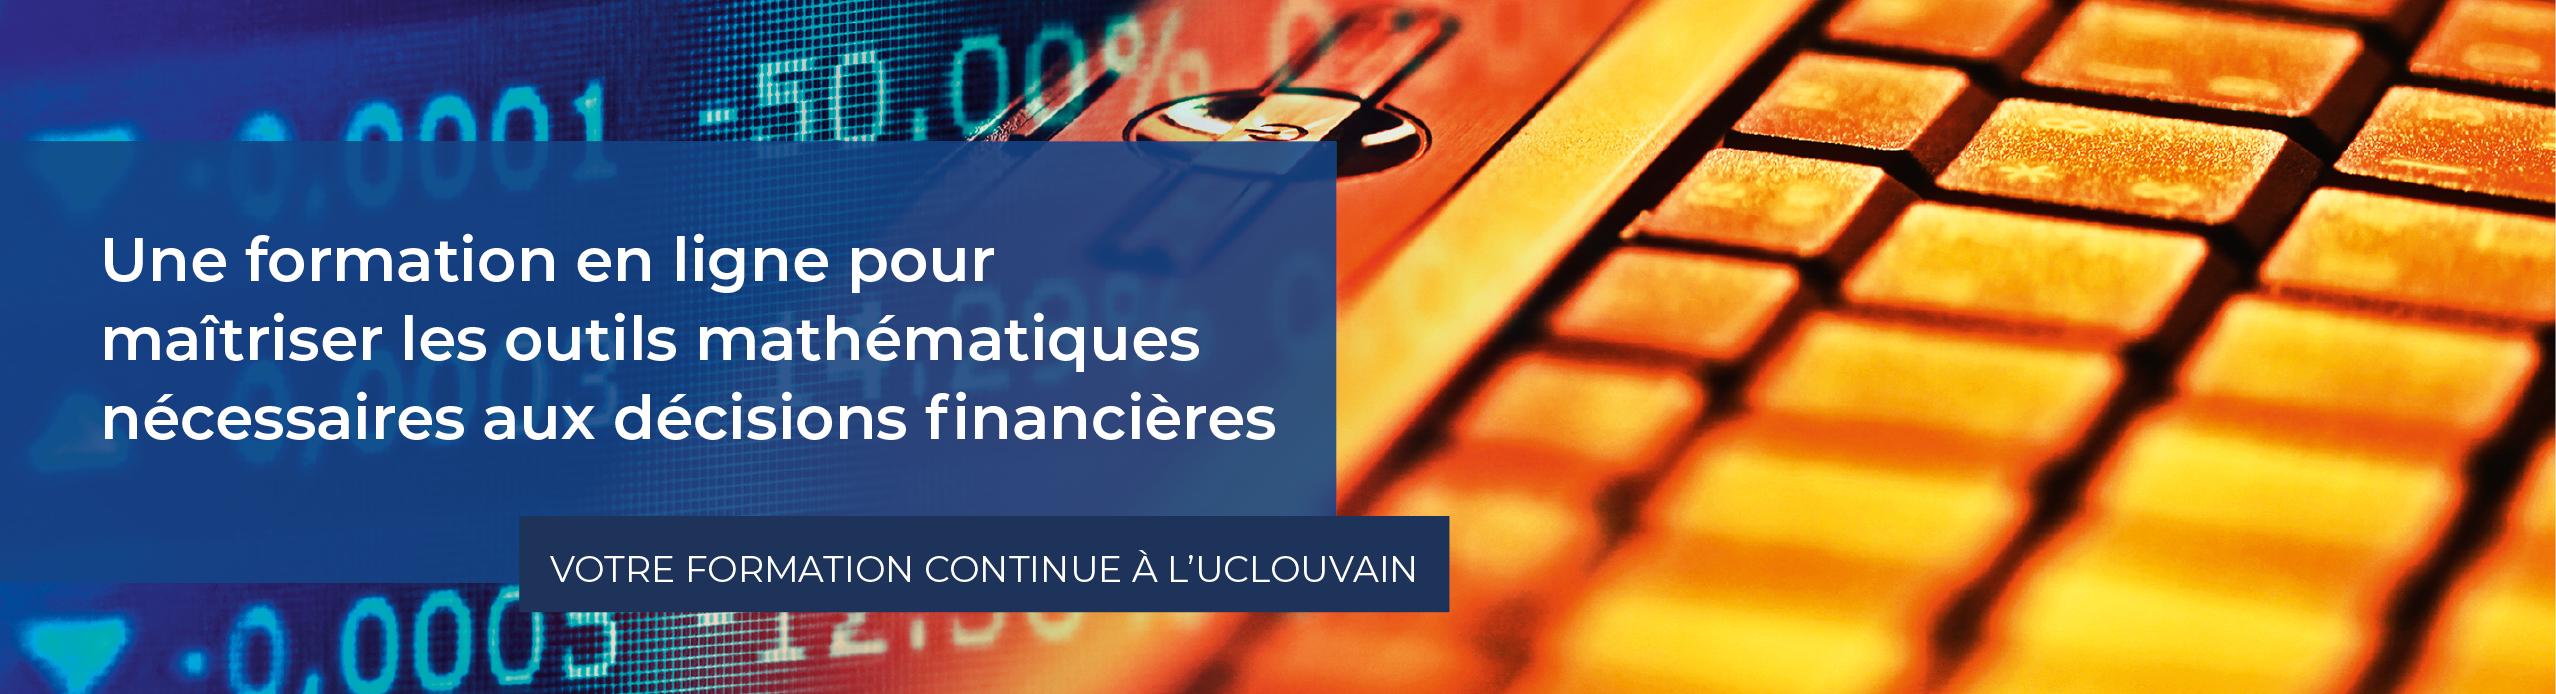 MathFinanciere_Header_Homepage.jpg